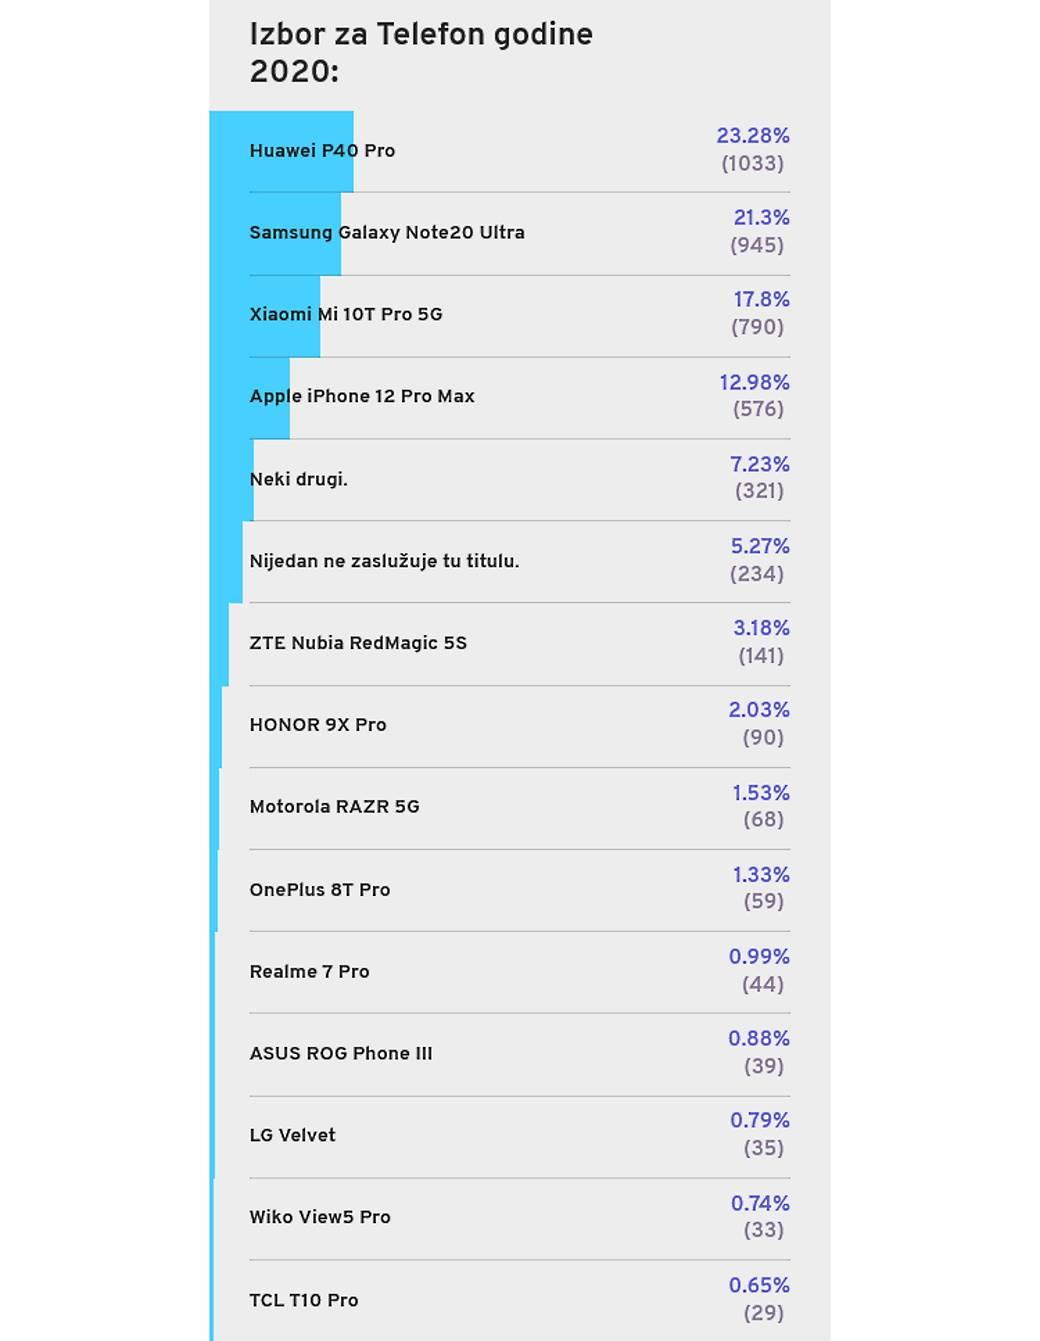 telefon godine 2020 izbor anketa rezultati najbolji smartfon